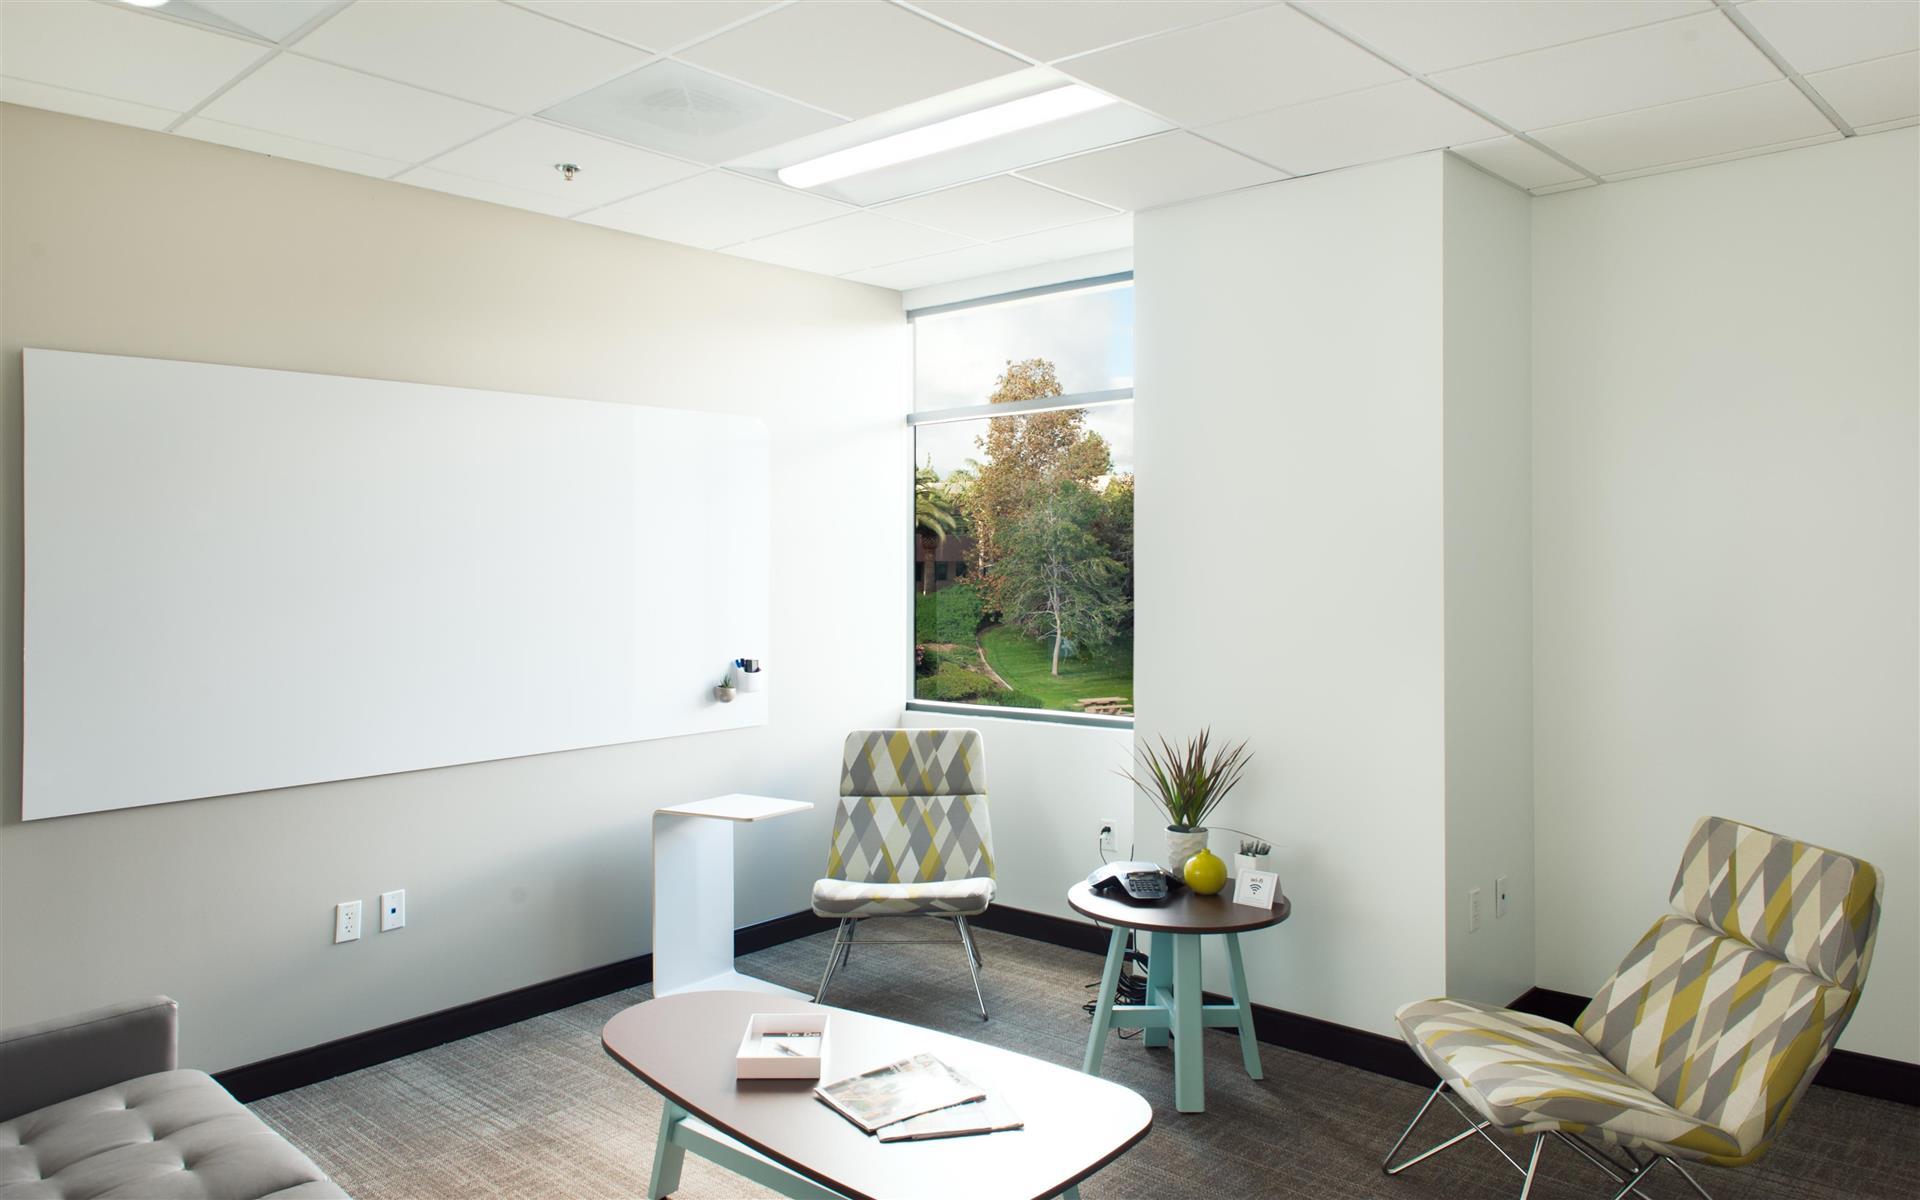 Avanti Workspace - Shorebreak Meeting Room